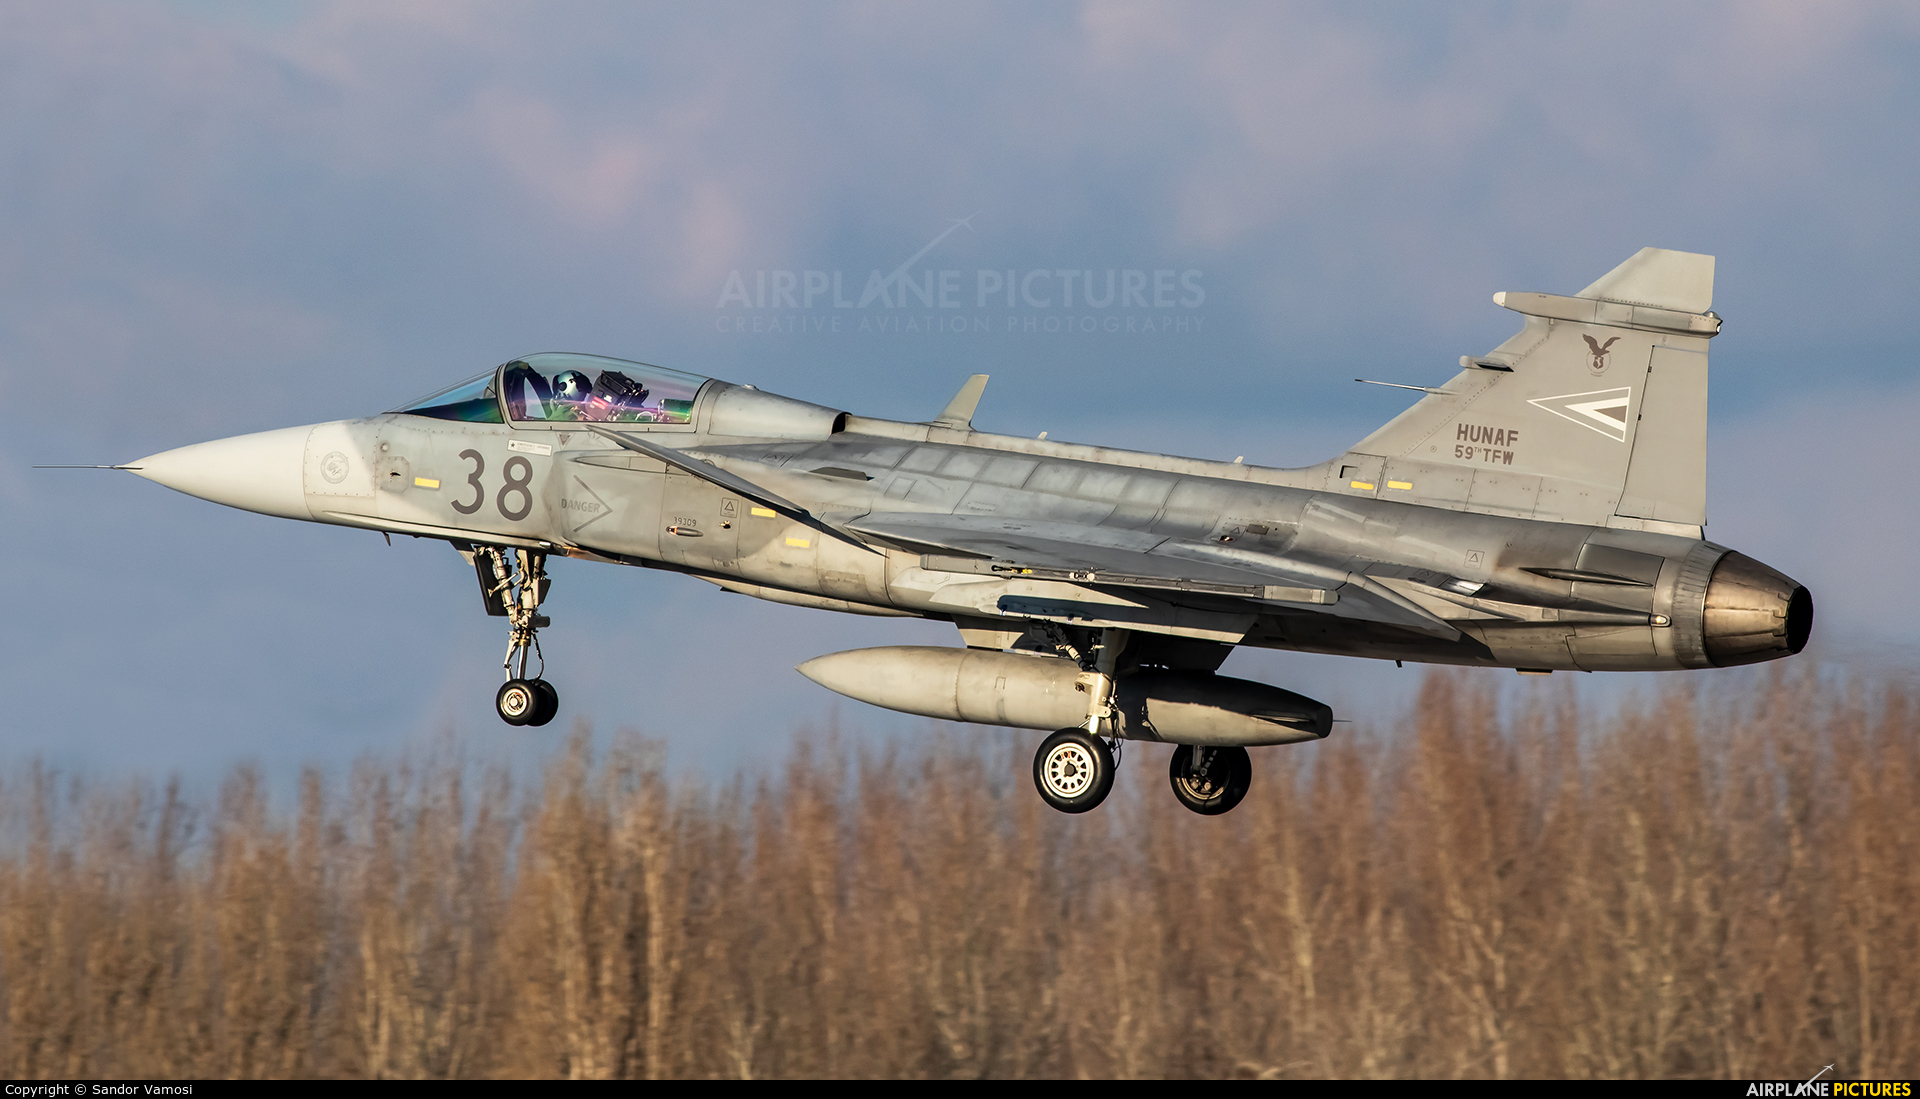 Hungary - Air Force 38 aircraft at Kecskemét